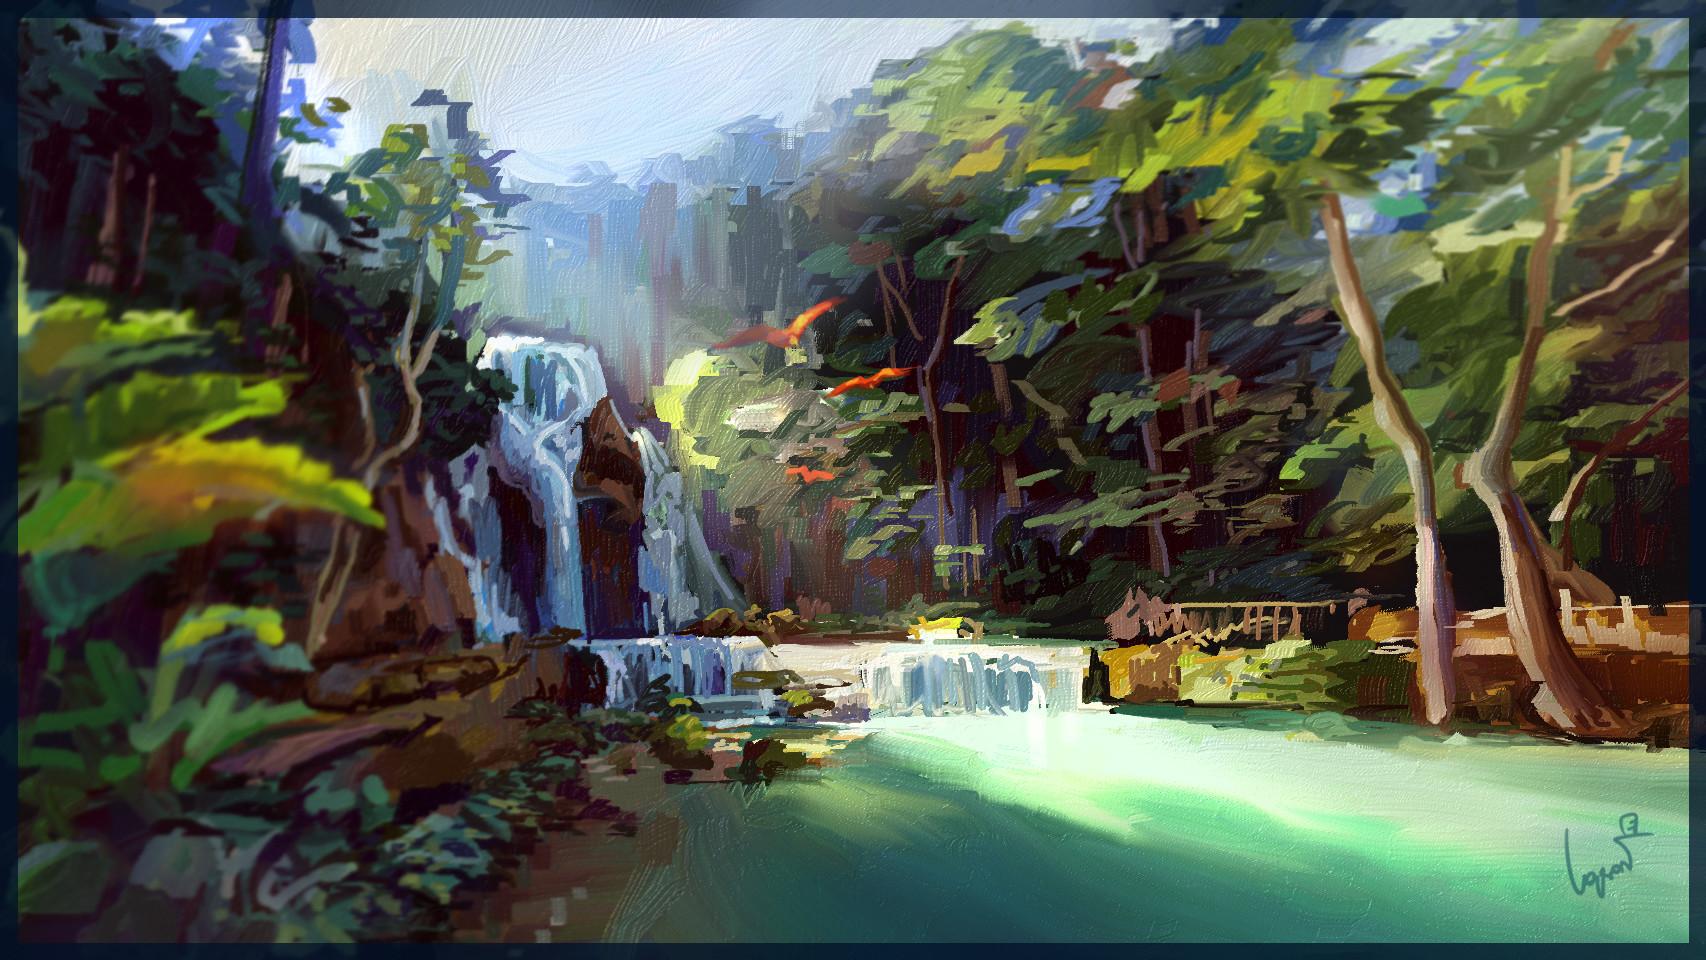 Thailand by Iga «Igson» Oliwiak